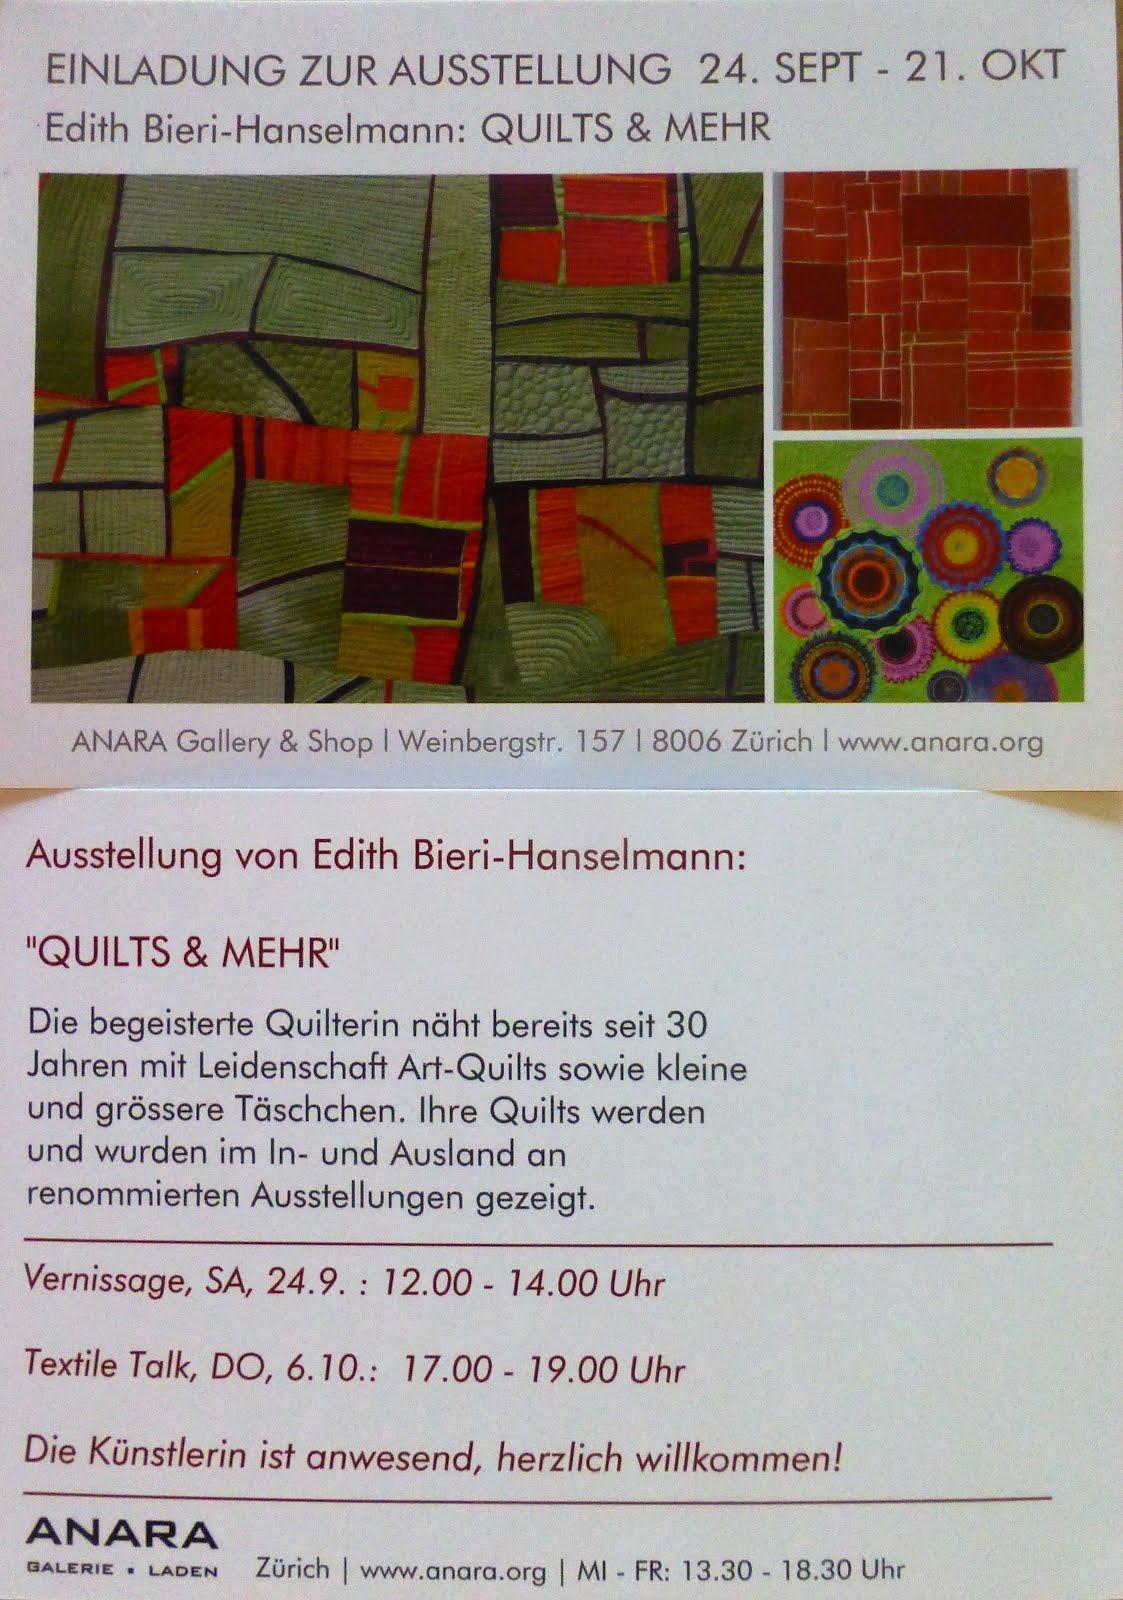 Ausstellung bei anara in Zürich